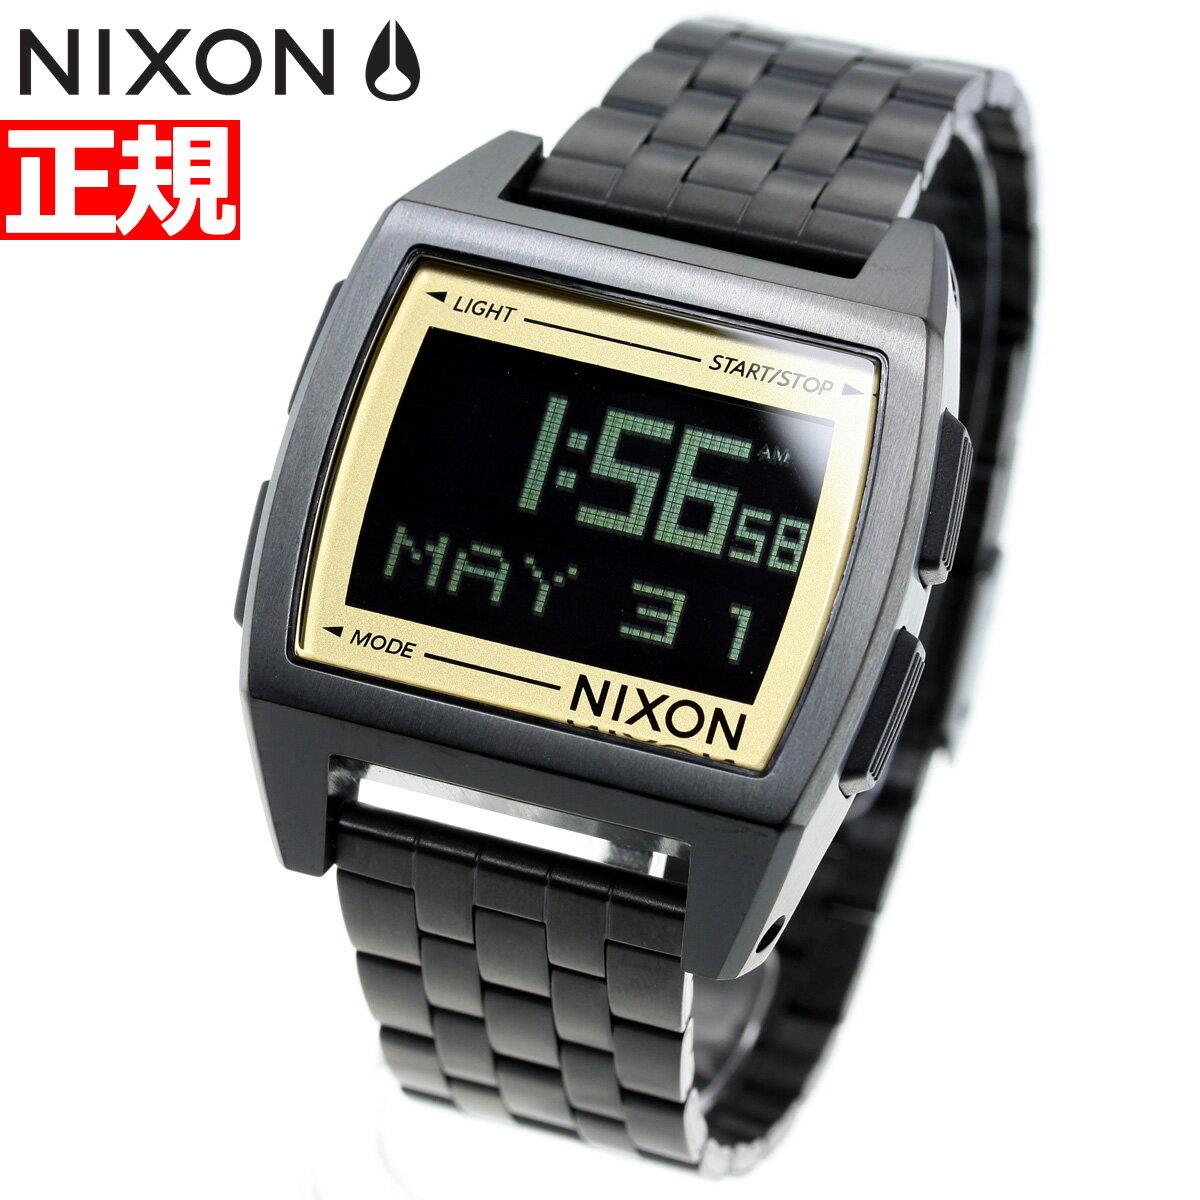 ポイント最大37倍!21日1時59分まで! ニクソン NIXON ベース BASE 腕時計 メンズ レディース ALL BLACK/GOLD NA11071031-00【2018 新作】【あす楽対応】【即納可】